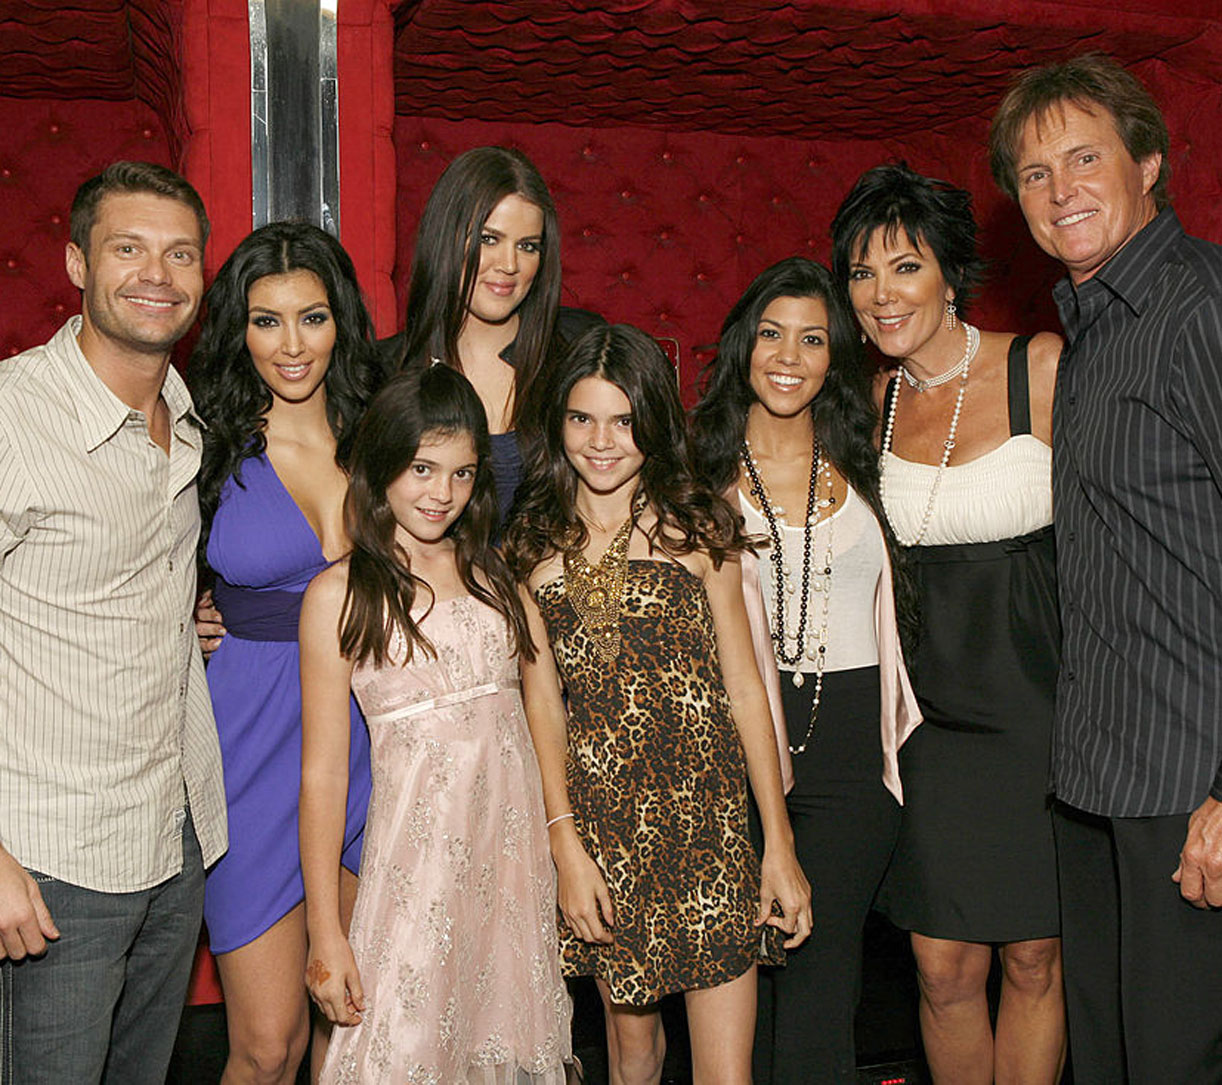 Ryan Seacrest på visning av den første KUWTK-episoden i oktober 2007 med Kim Kardashian, Kylie Jenner, Khloe Kardashian, Kendall Jenner, Kourtney Kardashian, Kris Jenner og Caitlyn Jenner (Jeff Vespa/WireImage)